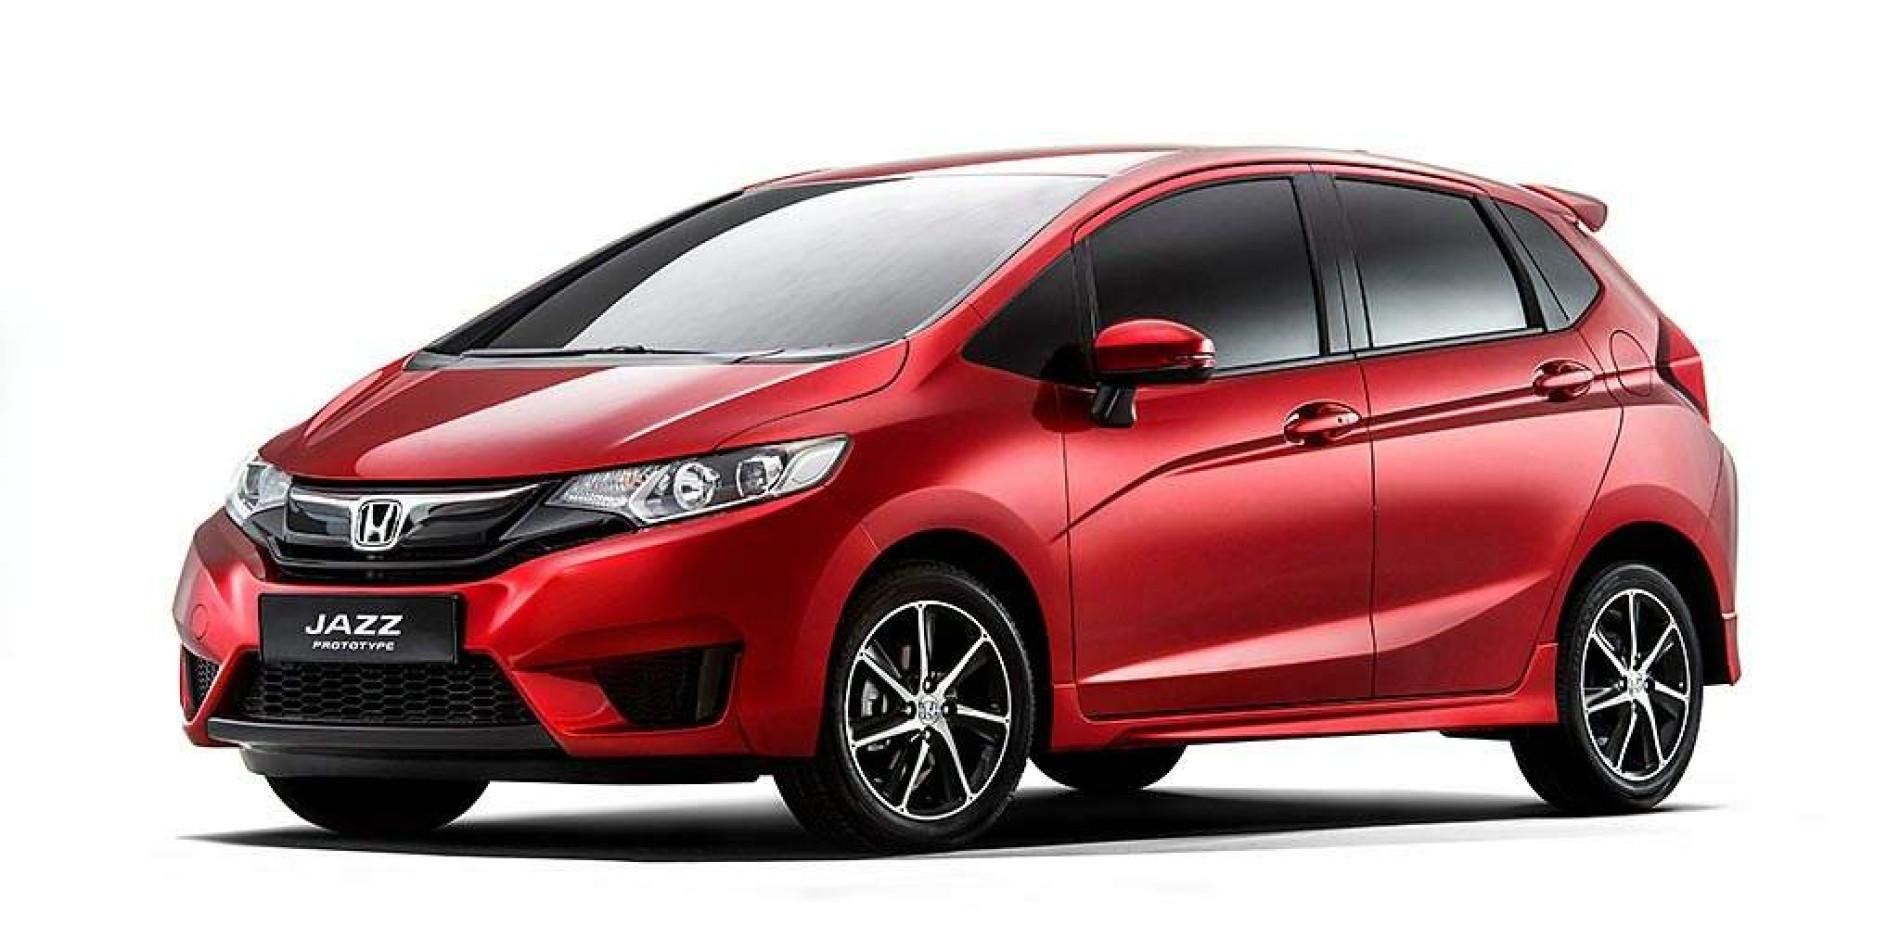 Más espacioso y versátil, nuevo Honda Jazz